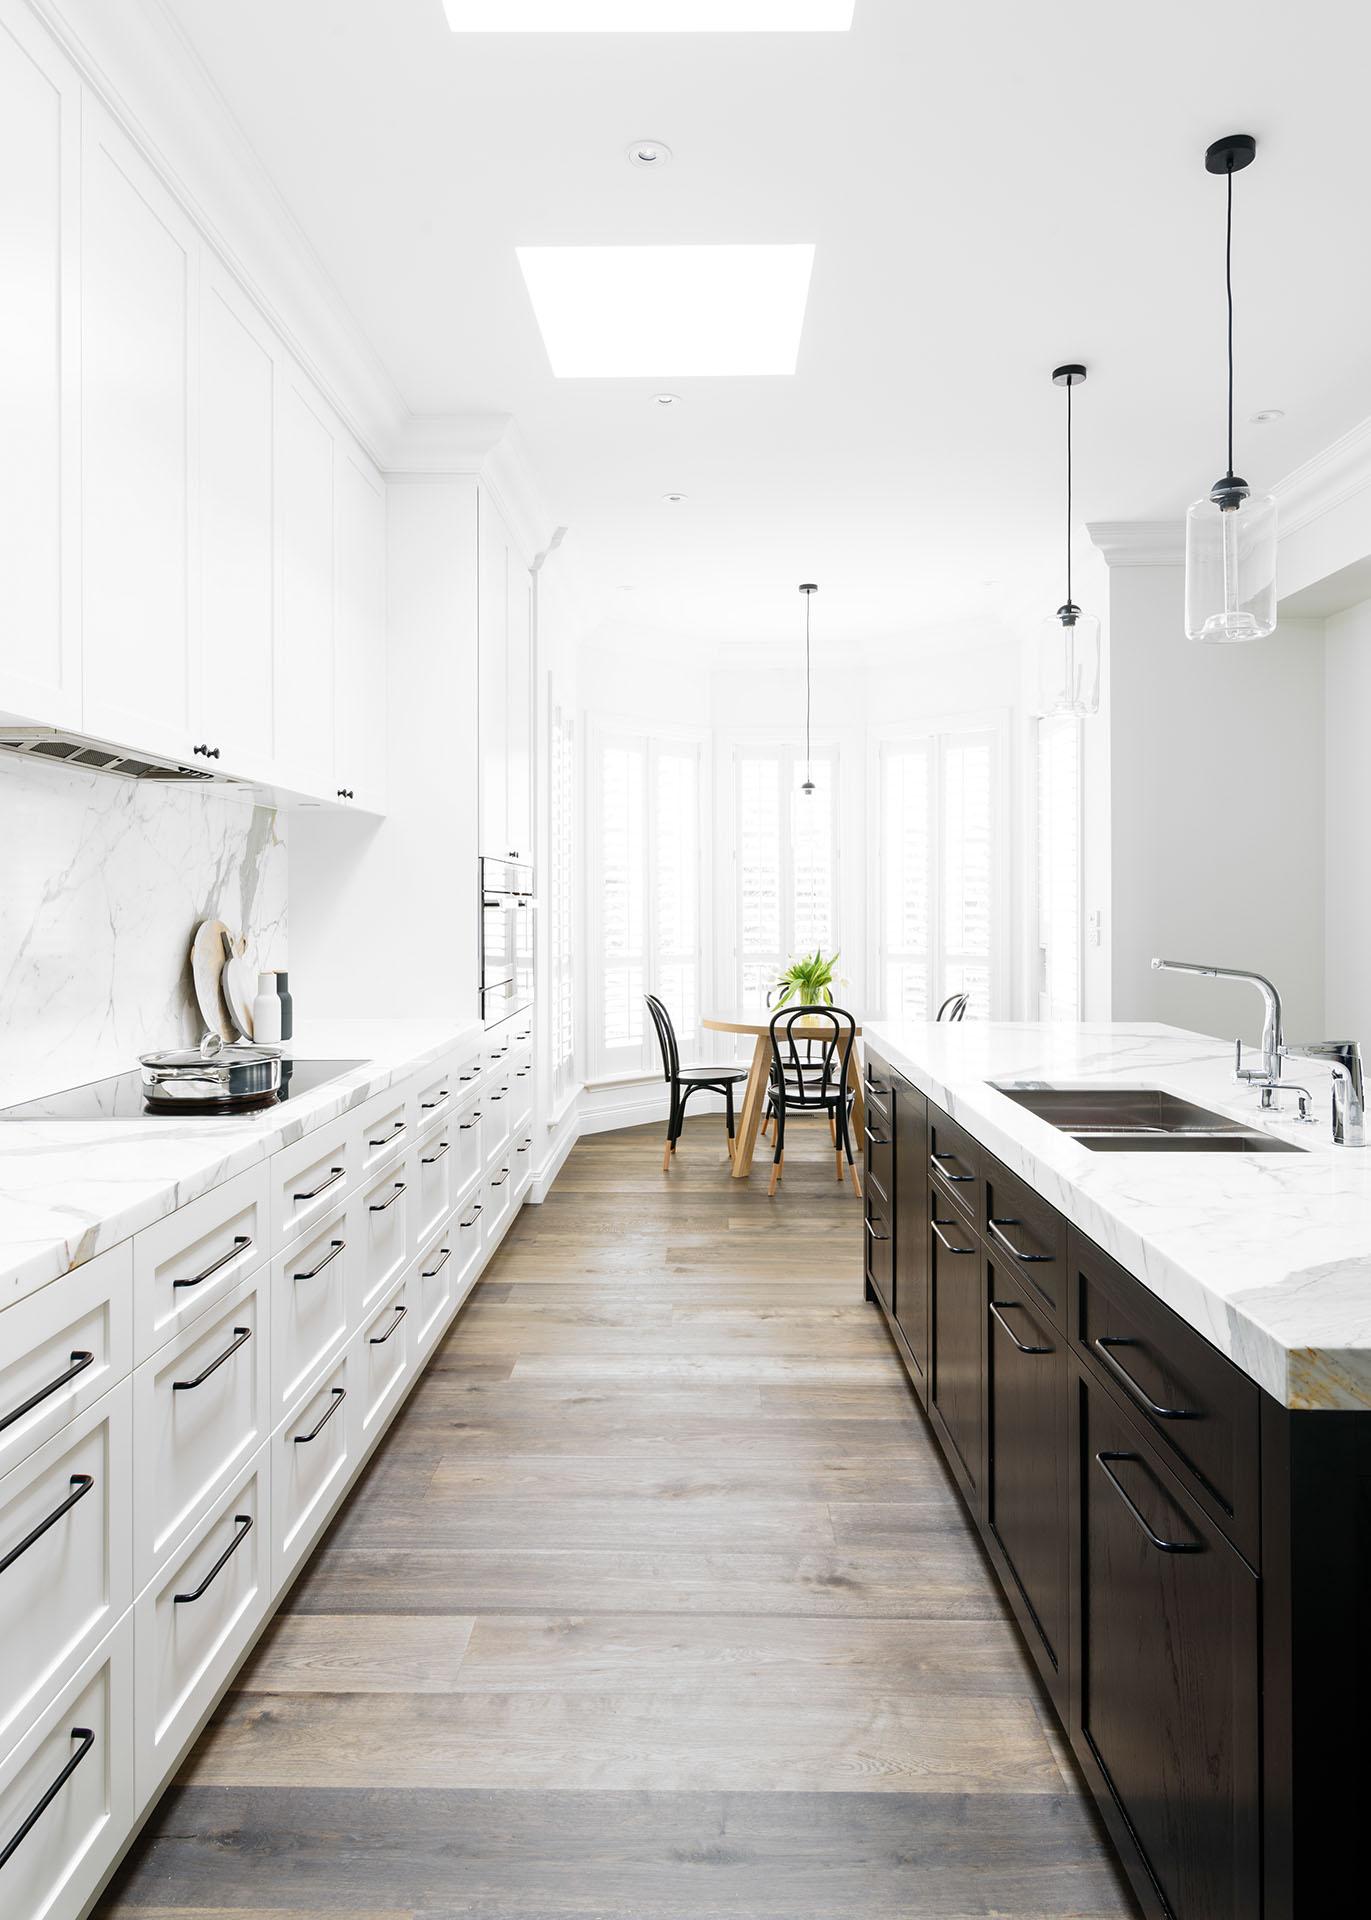 Prk residence biasol interior design building for Product design melbourne